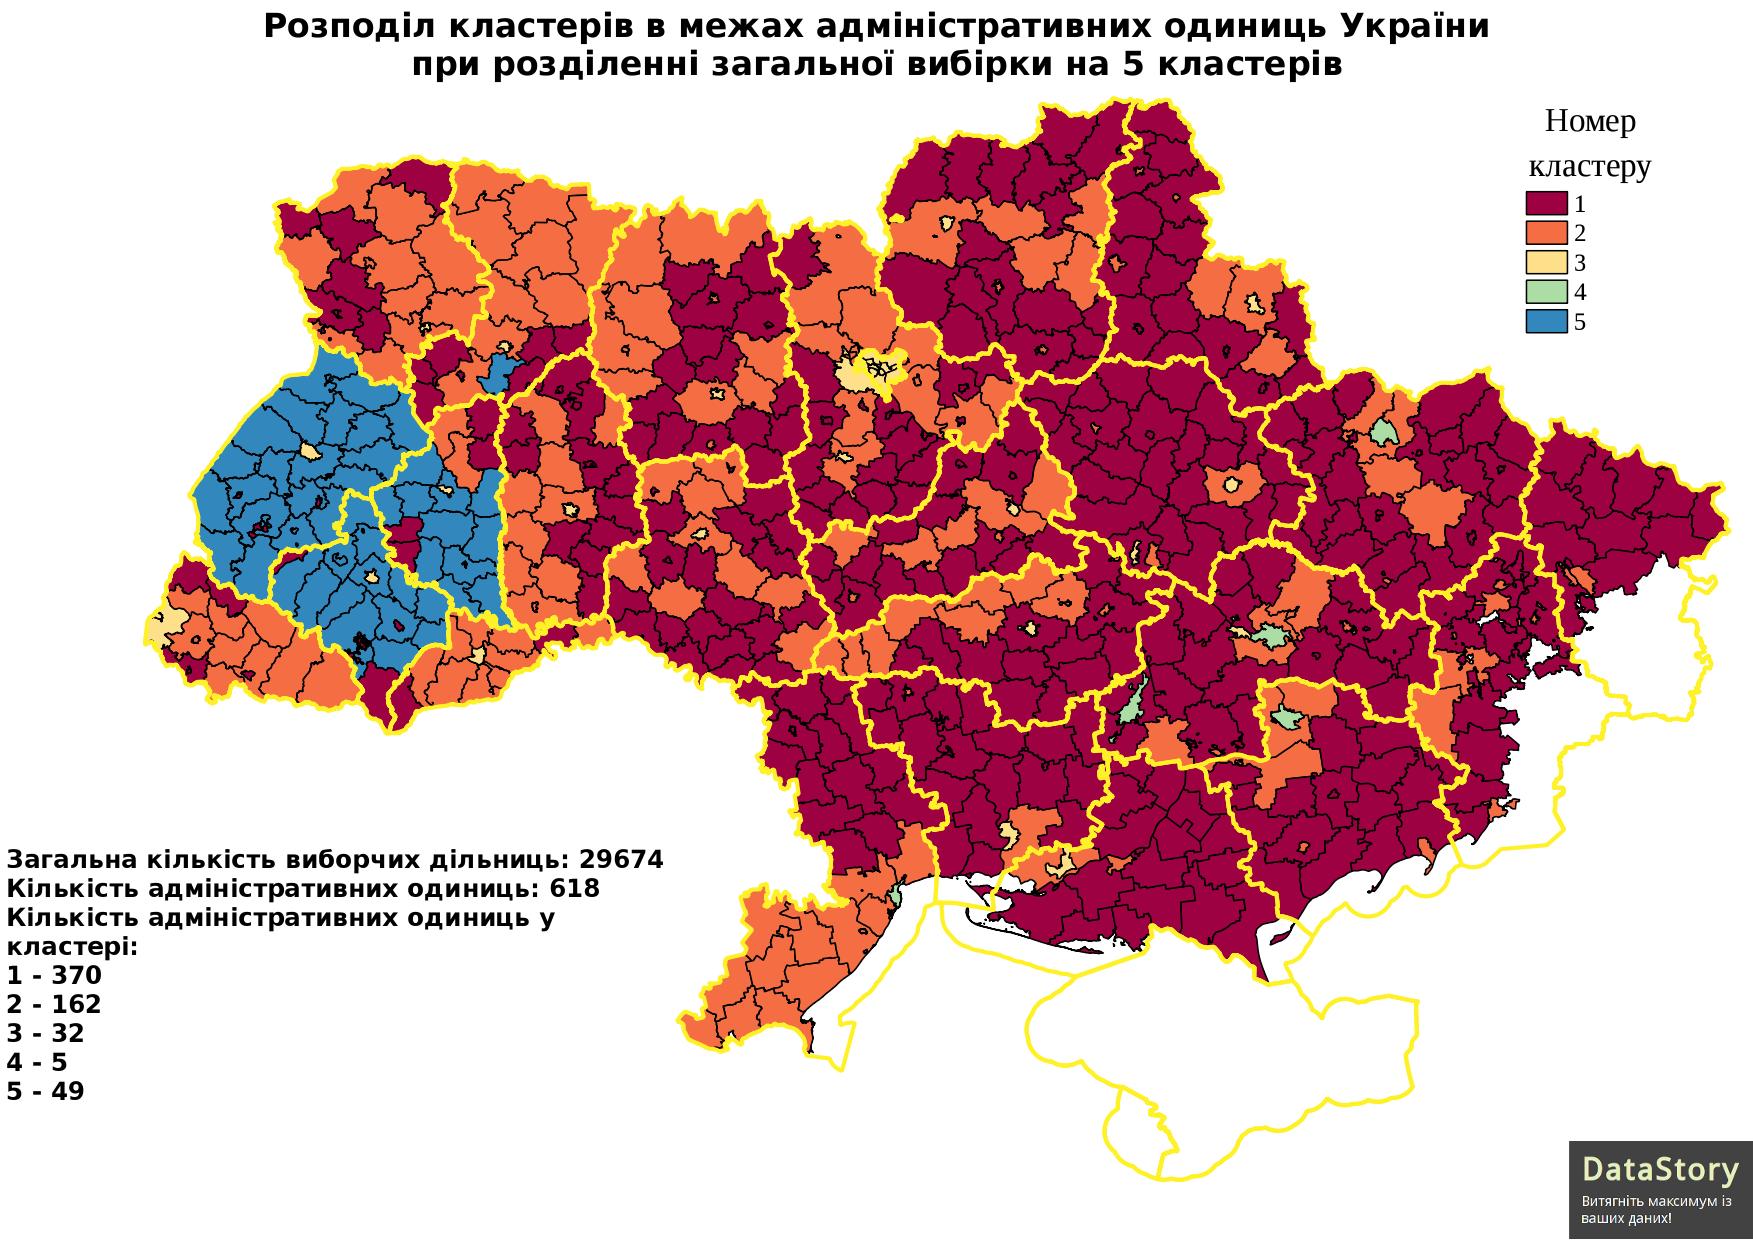 Розподіл кластерів в межах адміністративних одиниць України при розділенні загальної вибірки на 5 кластерів